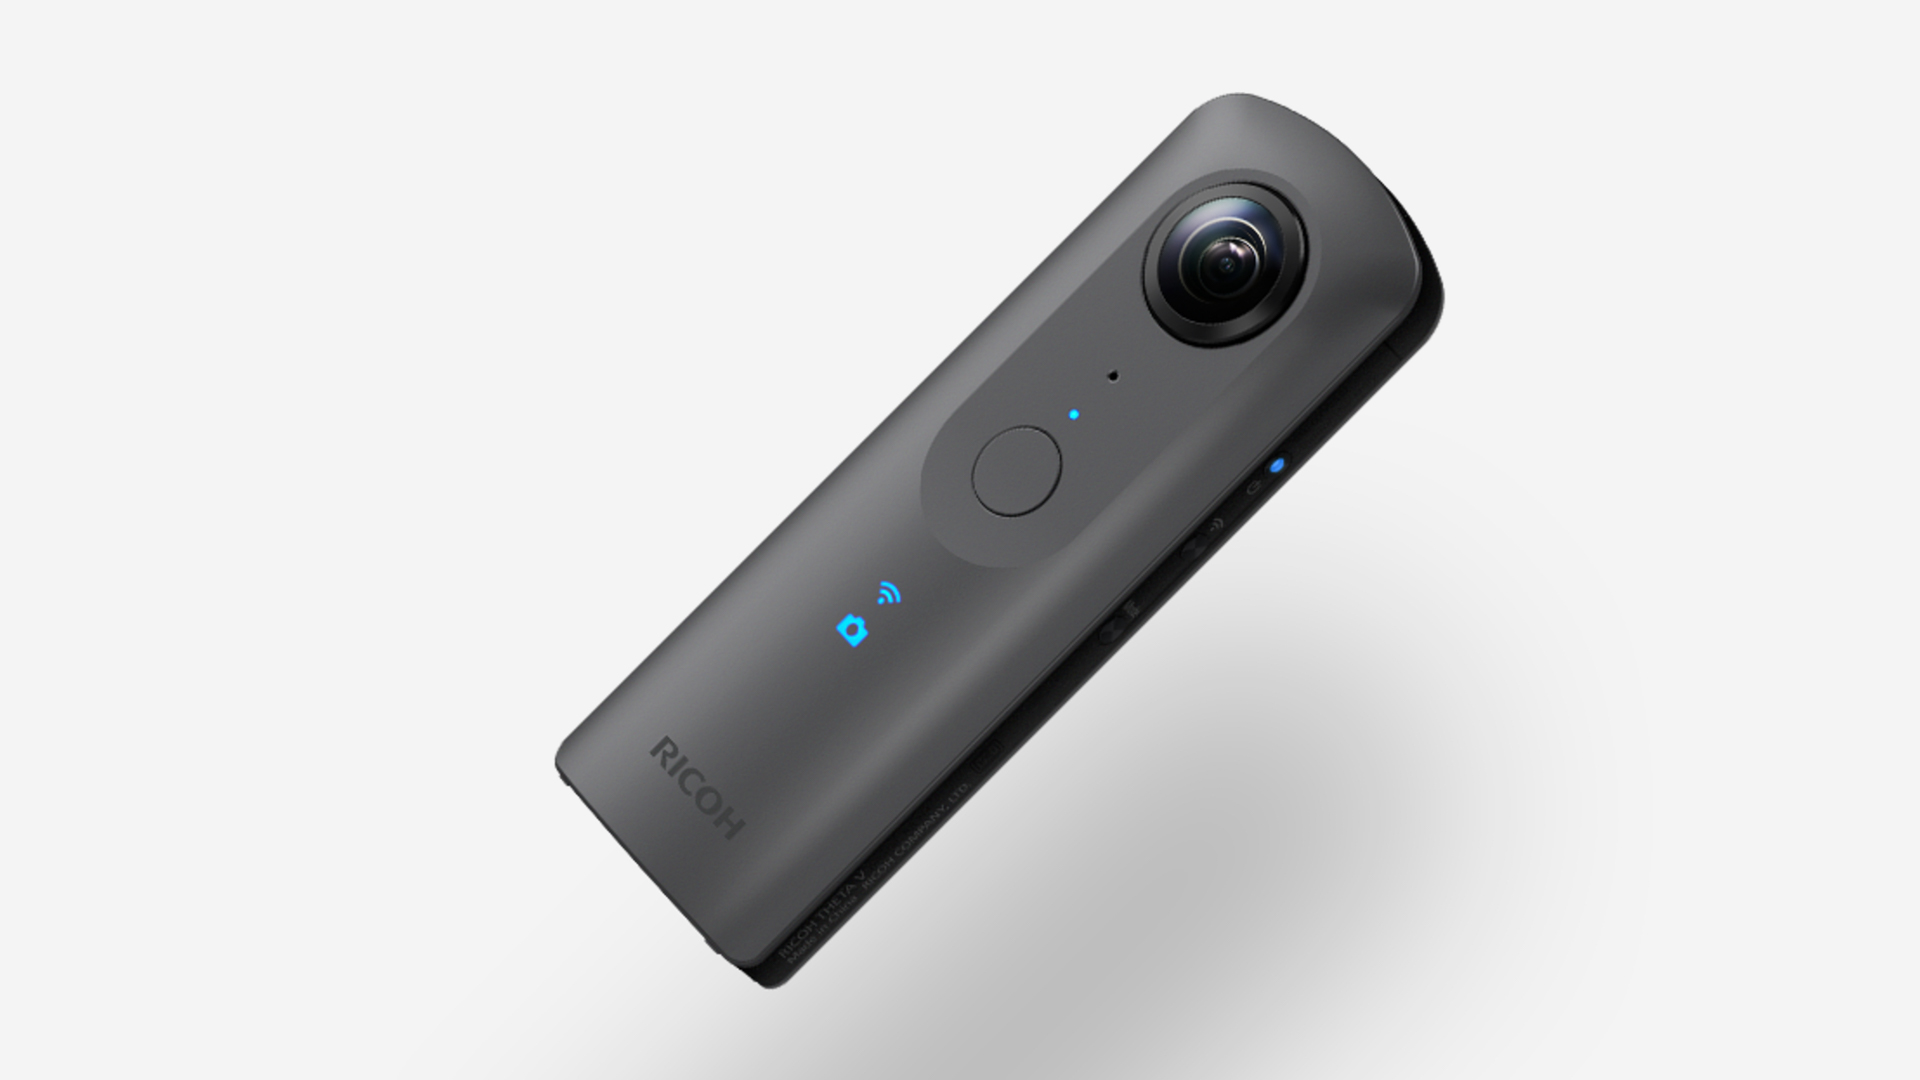 リコーのTheta V - UHD4Kで360°映像を撮影可能